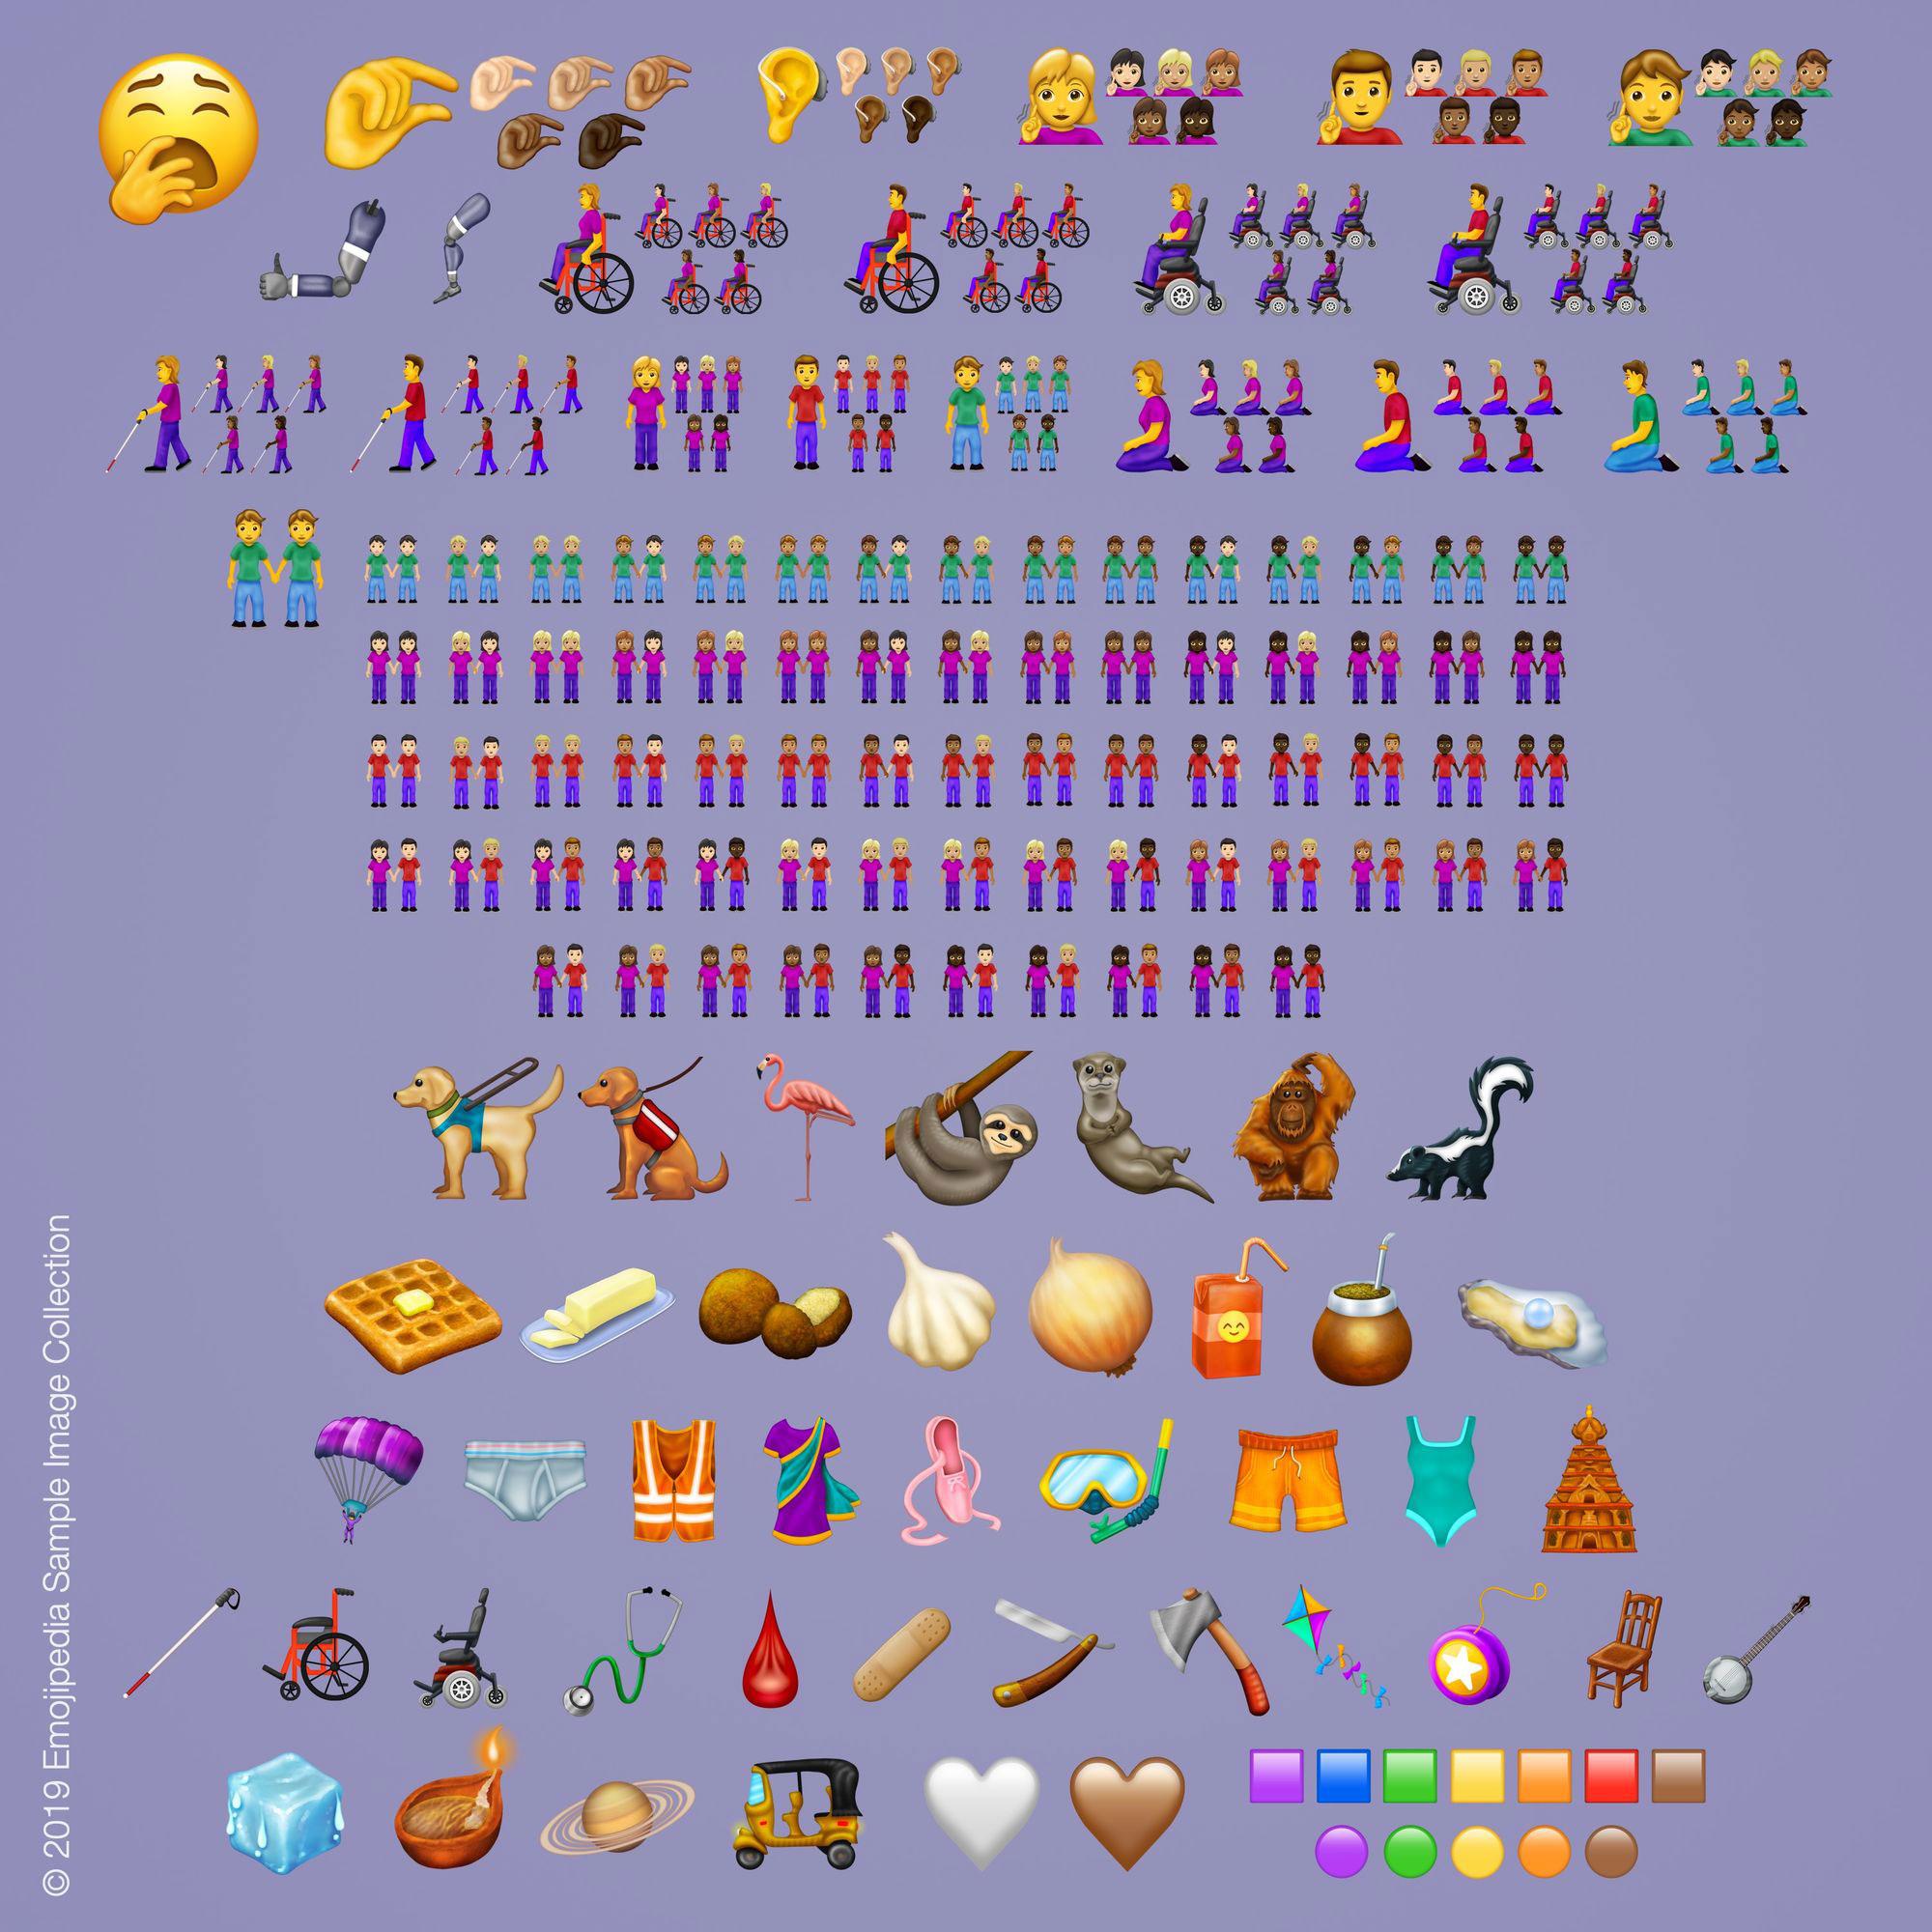 Die 230 neuen Emojis auf einem Blick. © Emojipedia